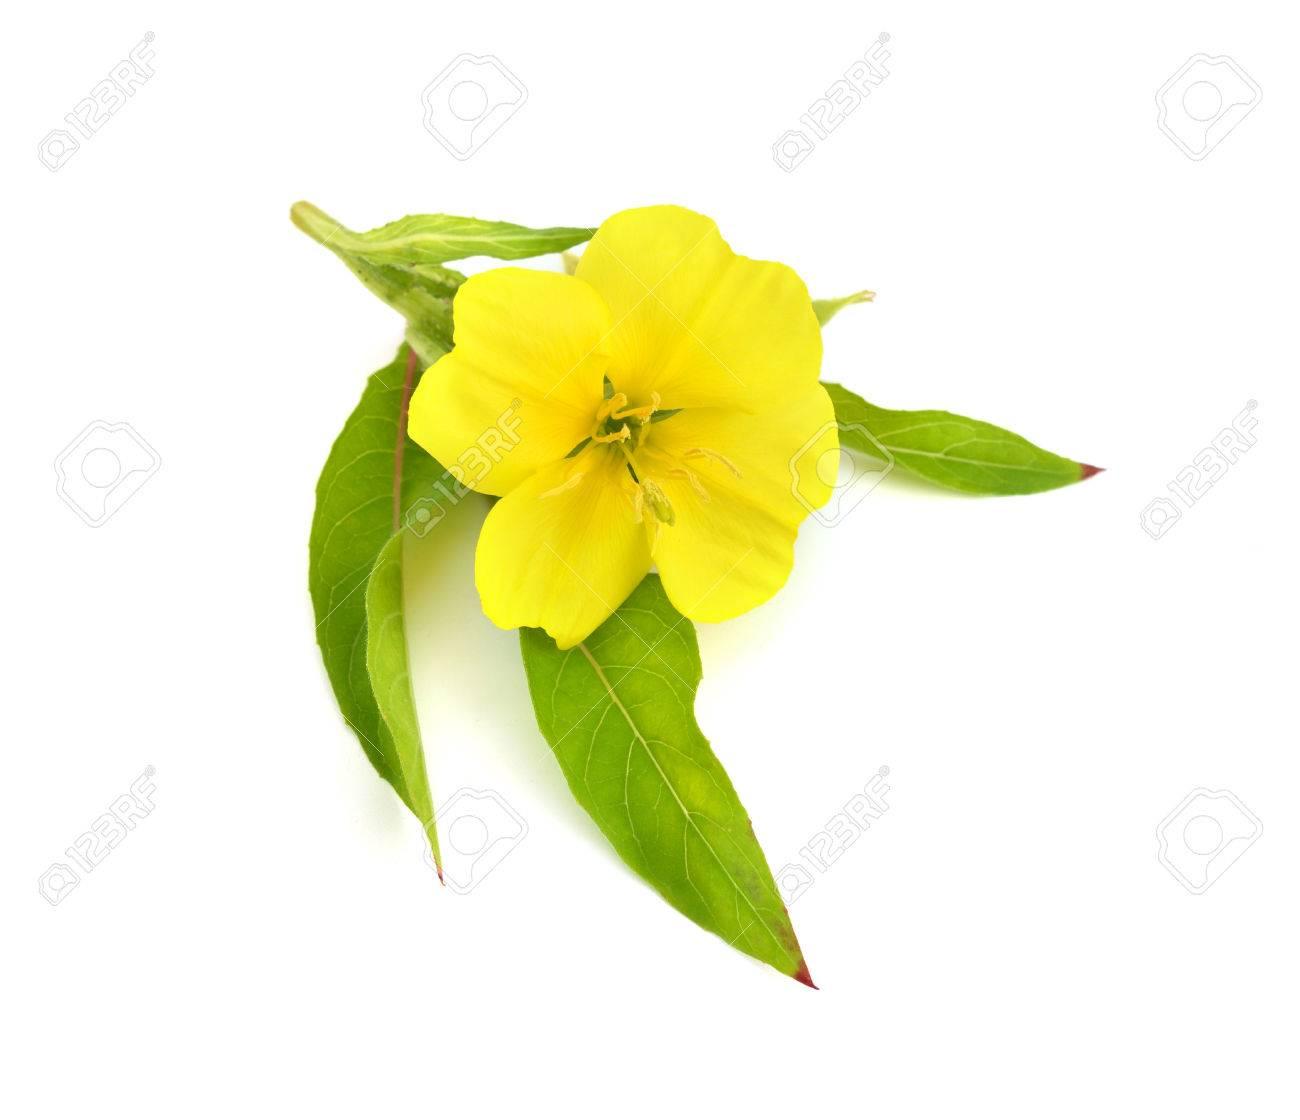 Oenothera flower isolated. - 44810429